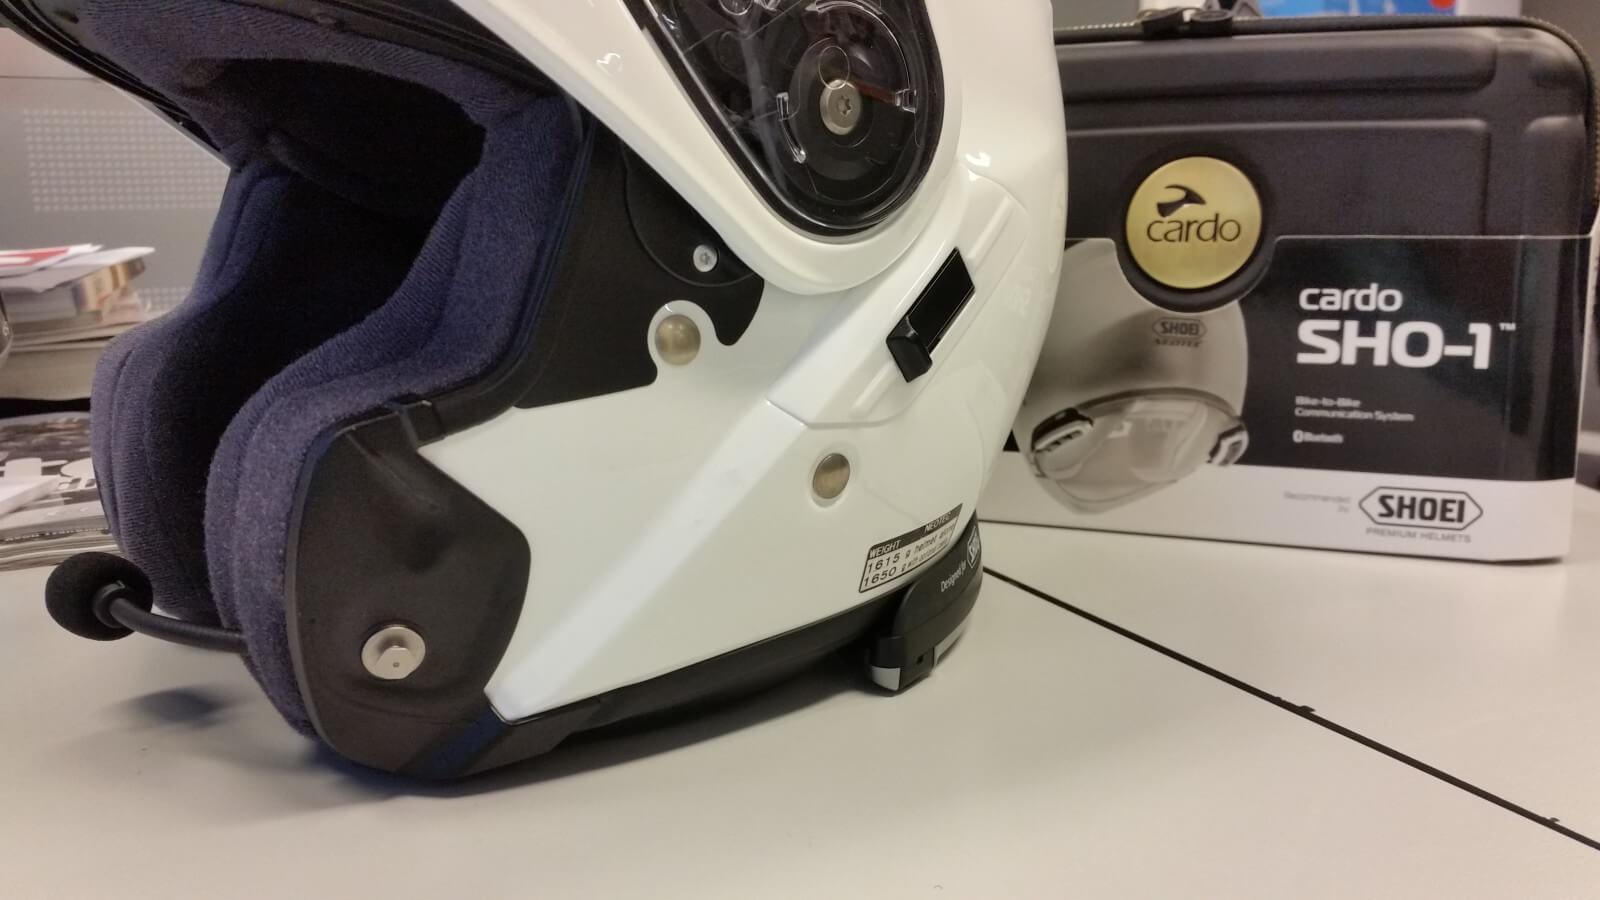 inbouwen-scala-rider-shoei-sho-1-2